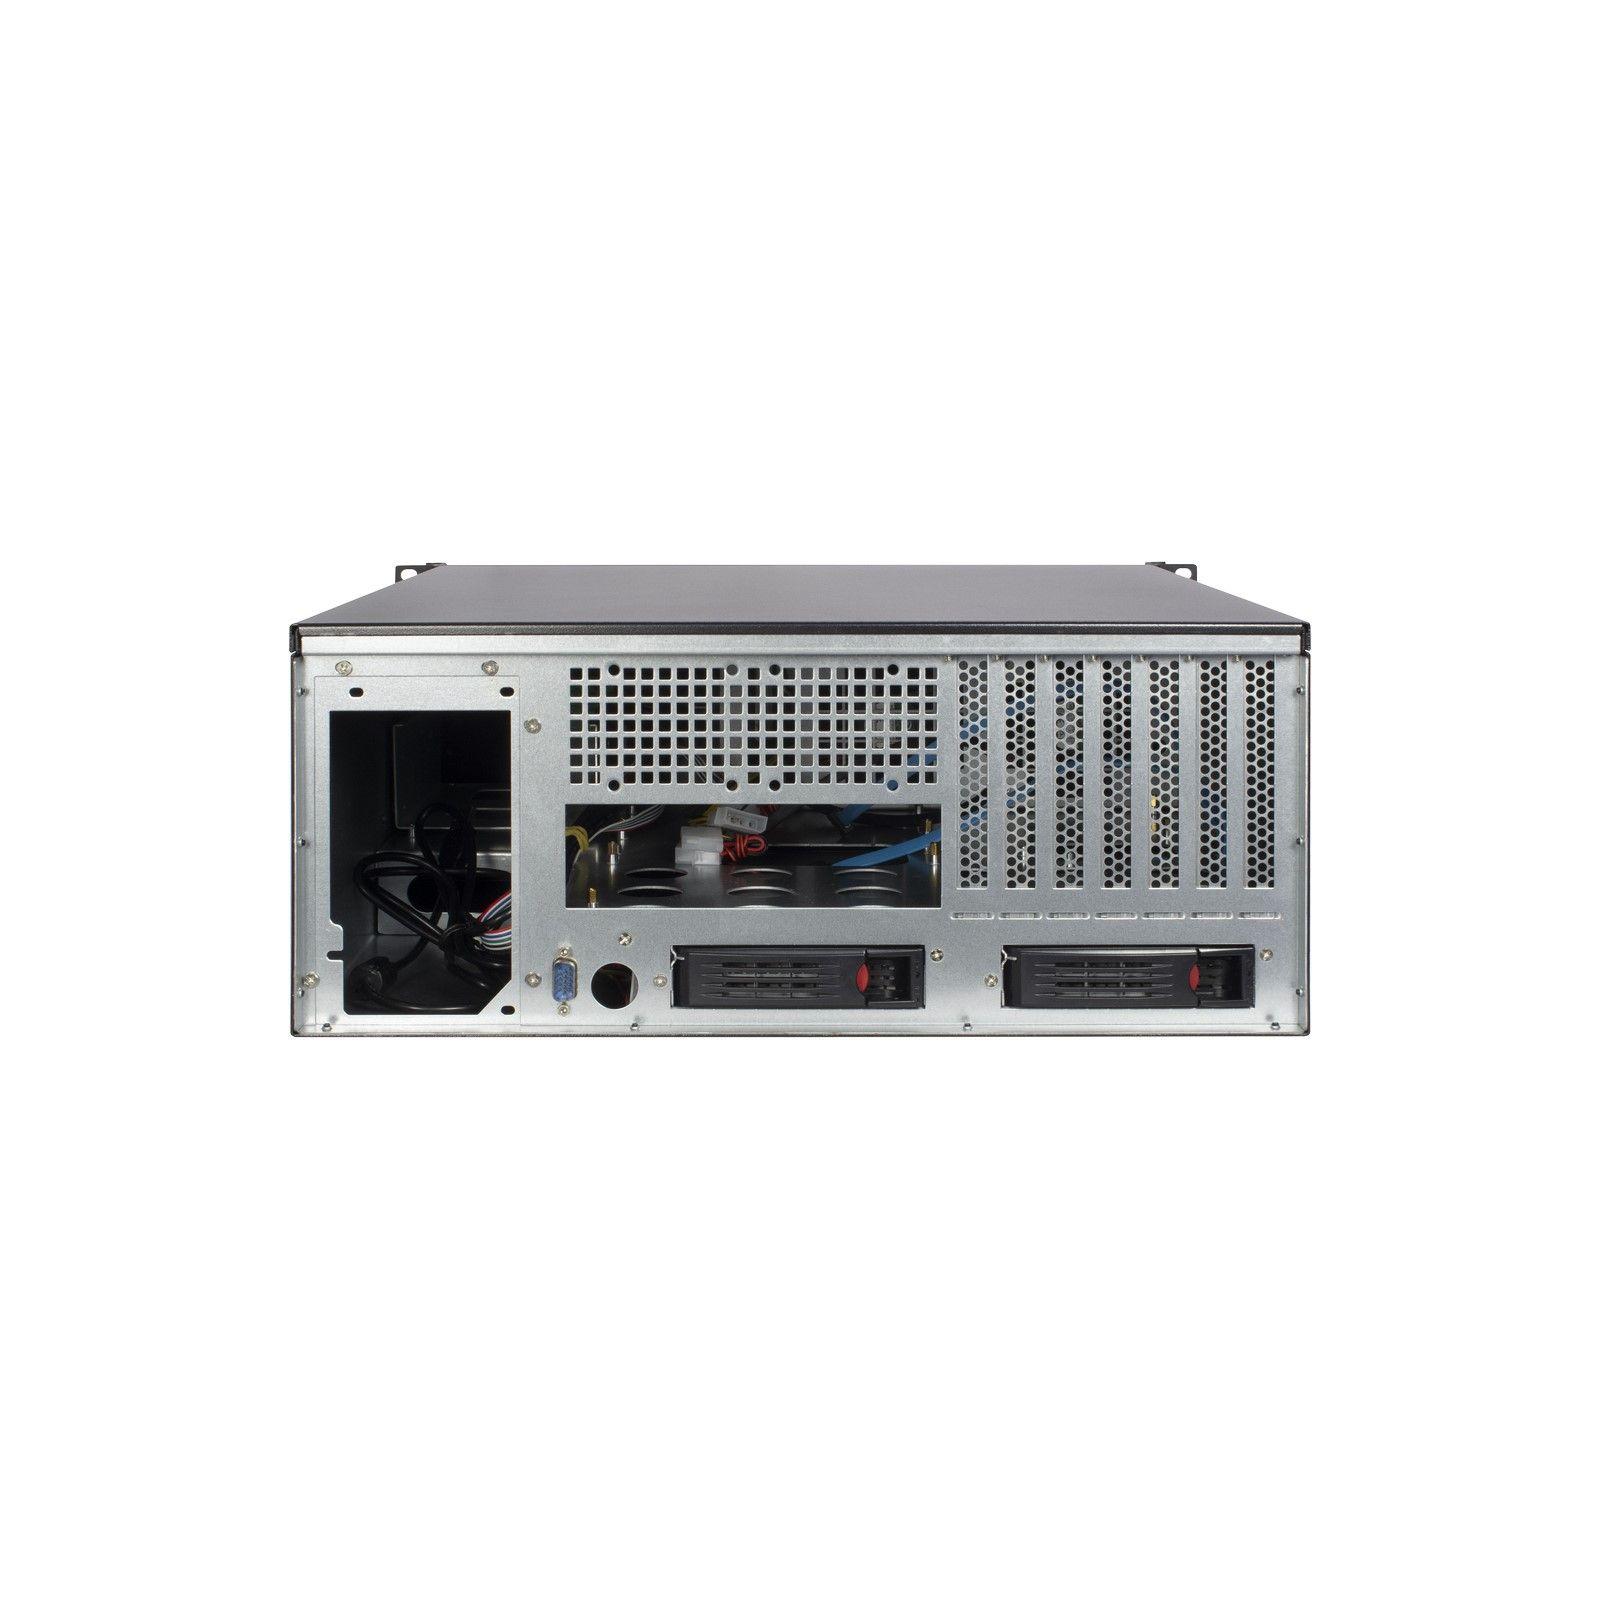 Корпус для сервера Inter-Tech 4U-4450 (456562) изображение 3